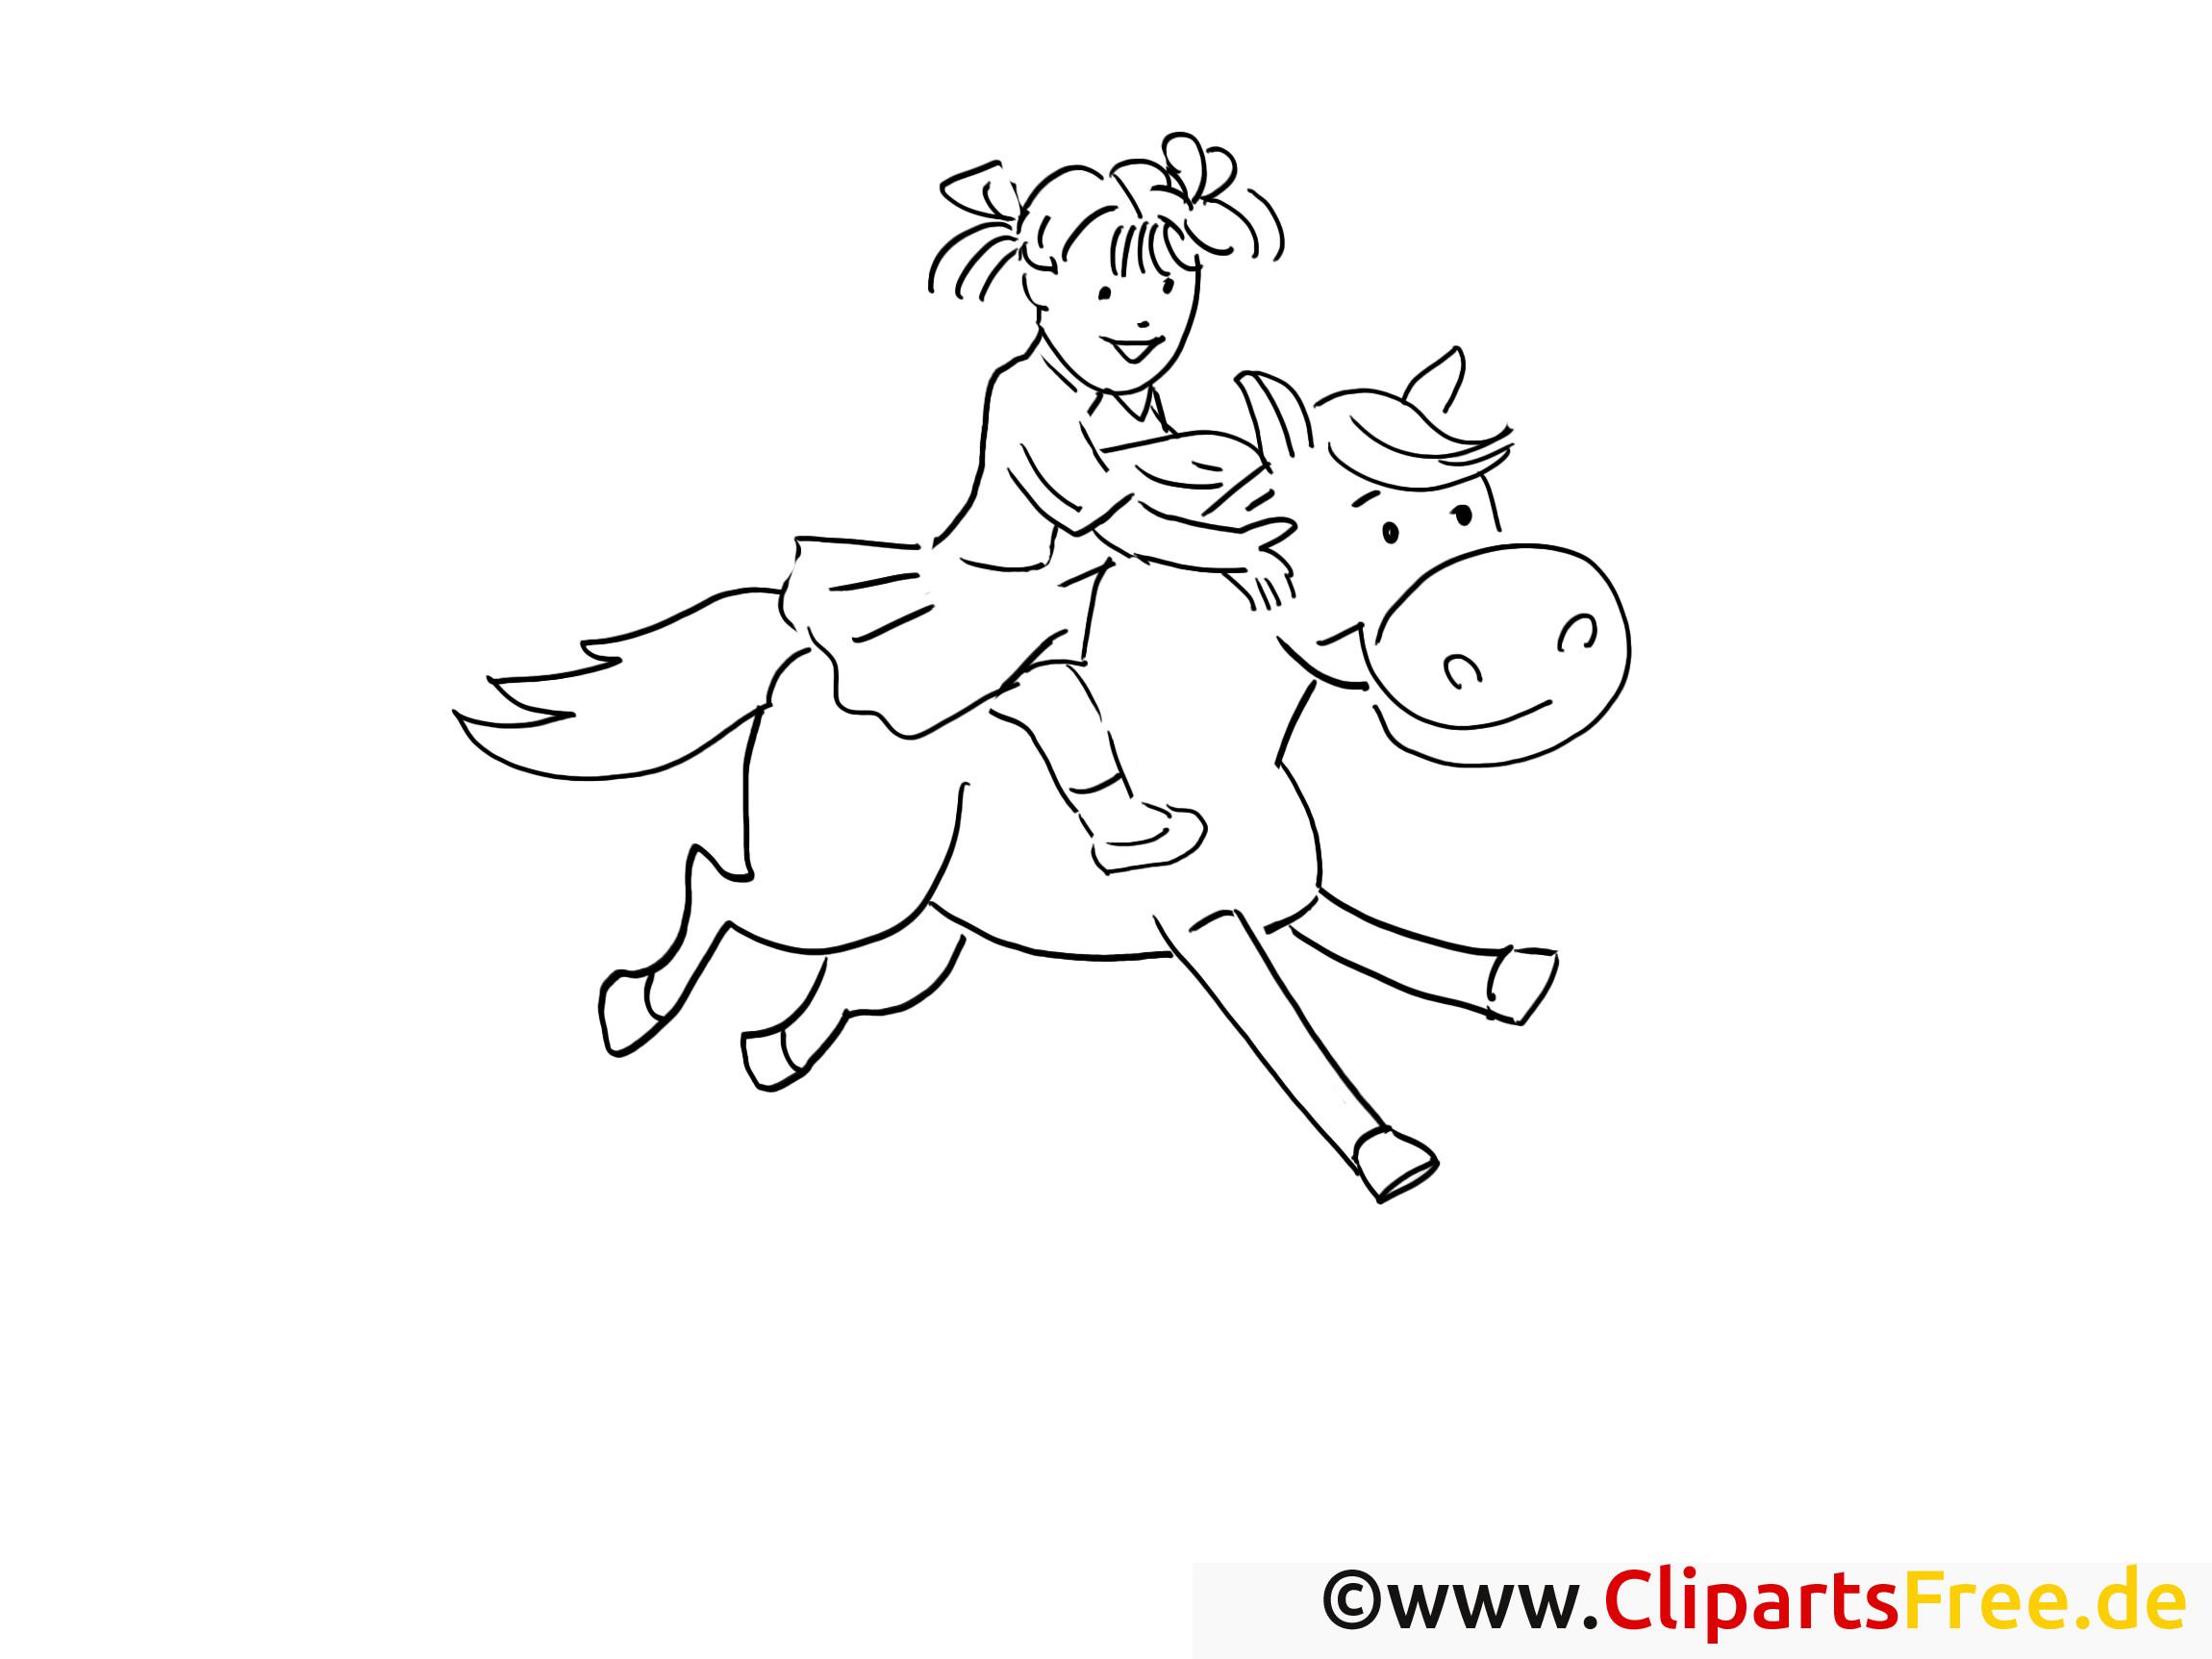 Malvorlagen Für Mädchen  Mädchen reitet auf dem Pferd Gratis Ausmalbilder und